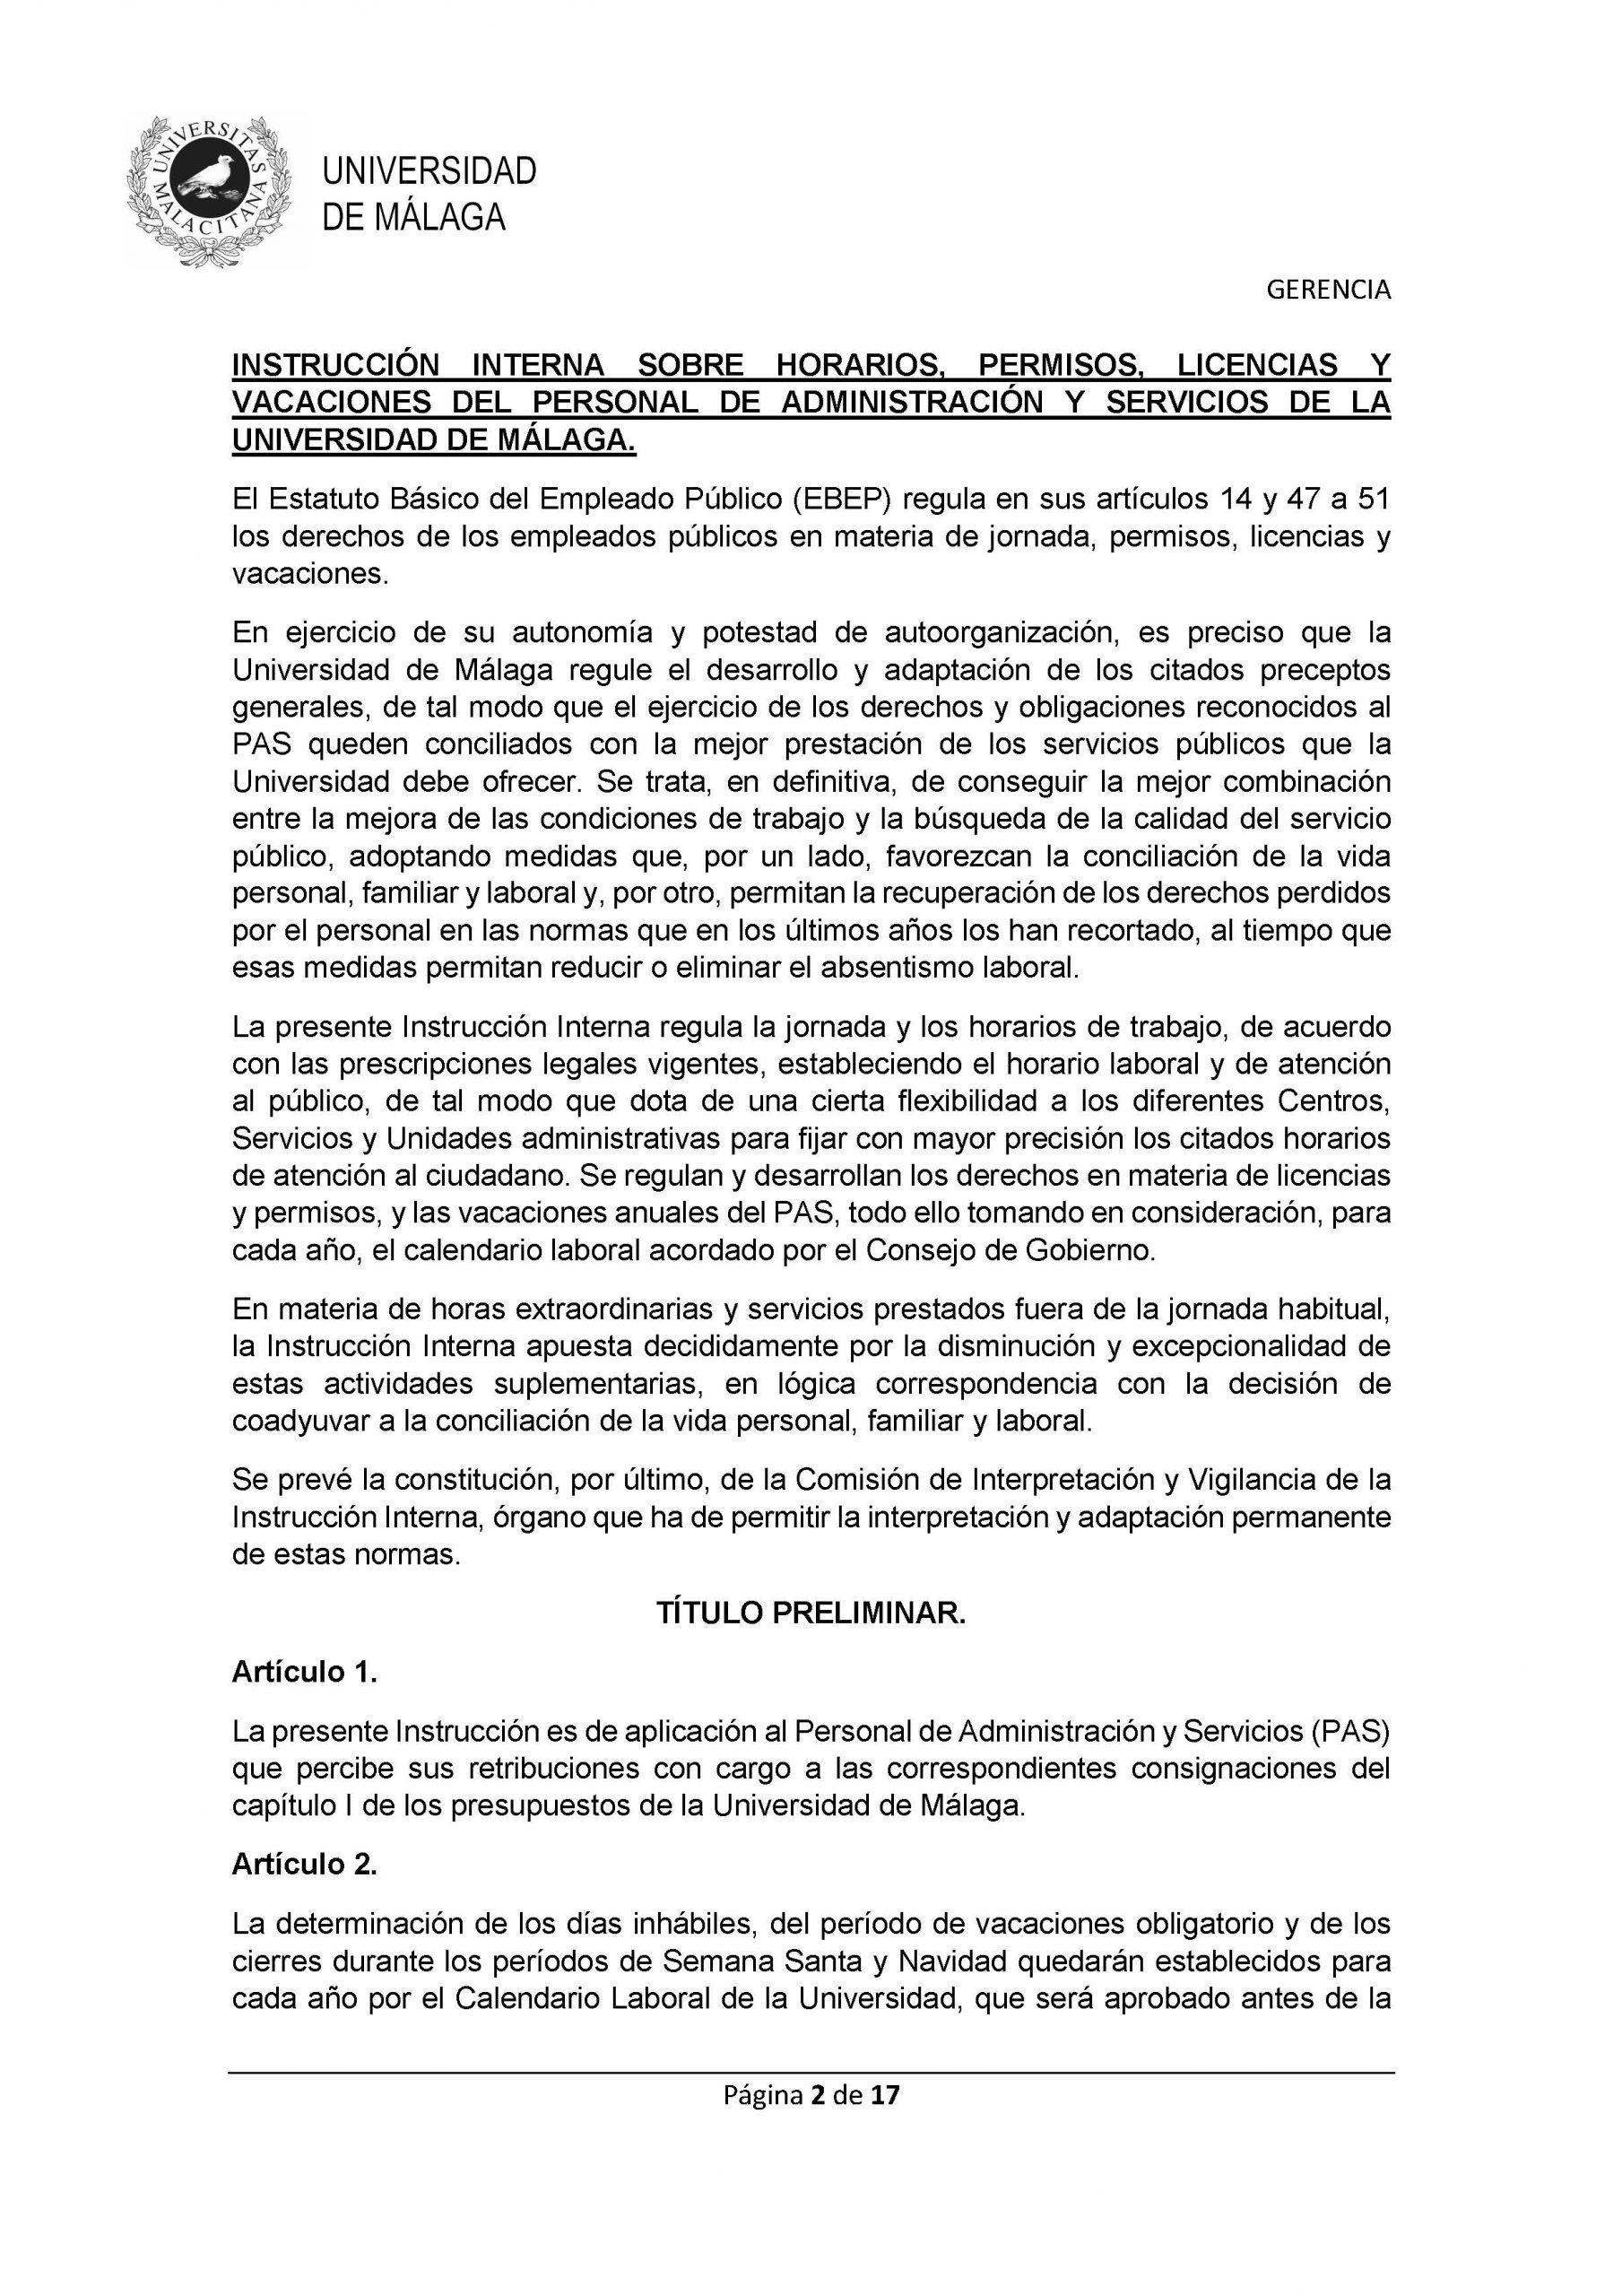 instruccion_interna_texto_final_5_de_mayo_pgina_02